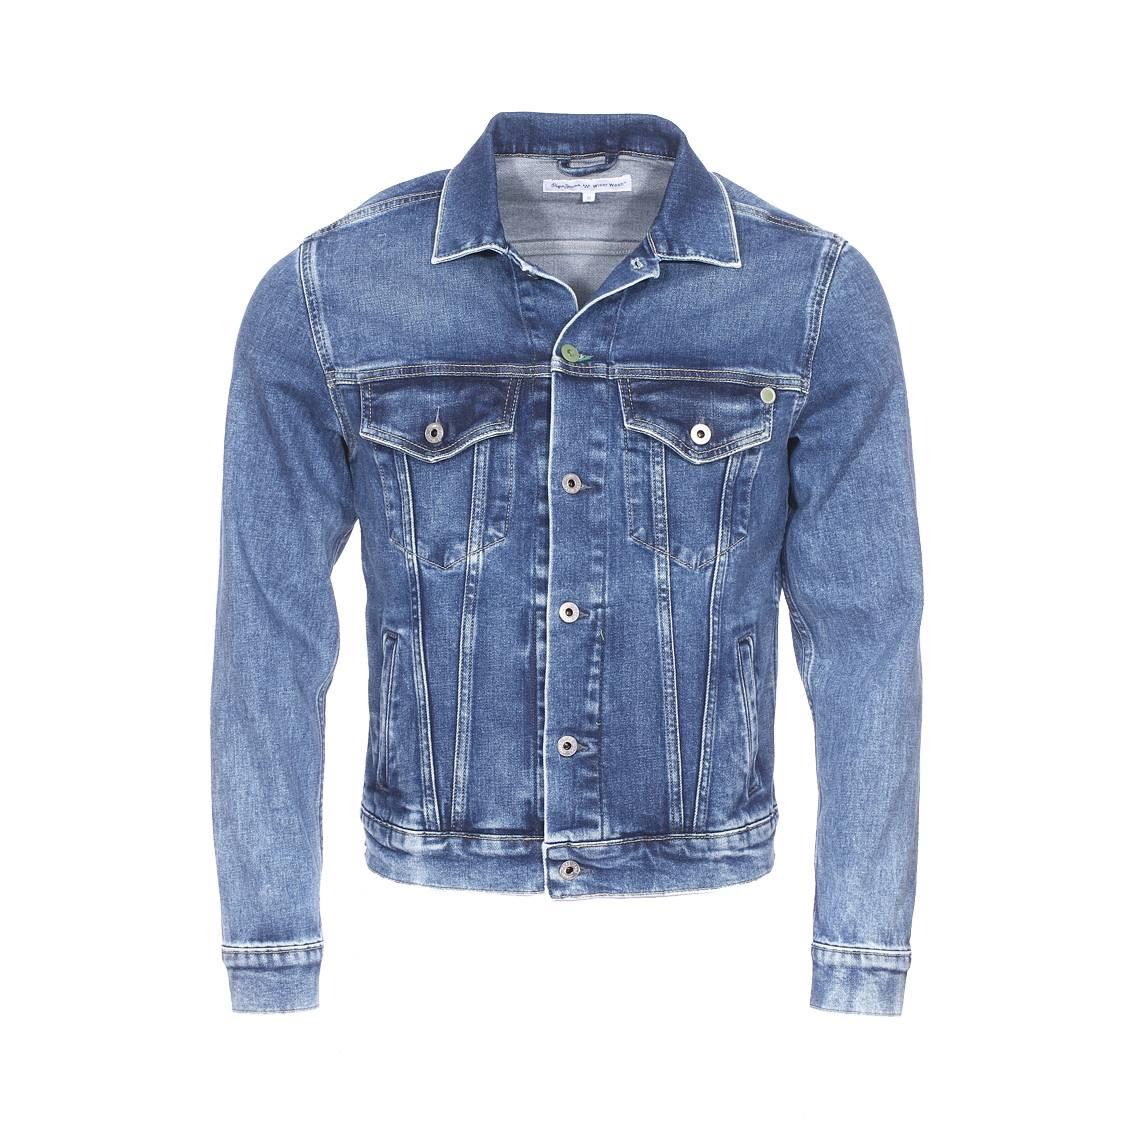 Veste en jean  pinner en coton stretch bleu délavé